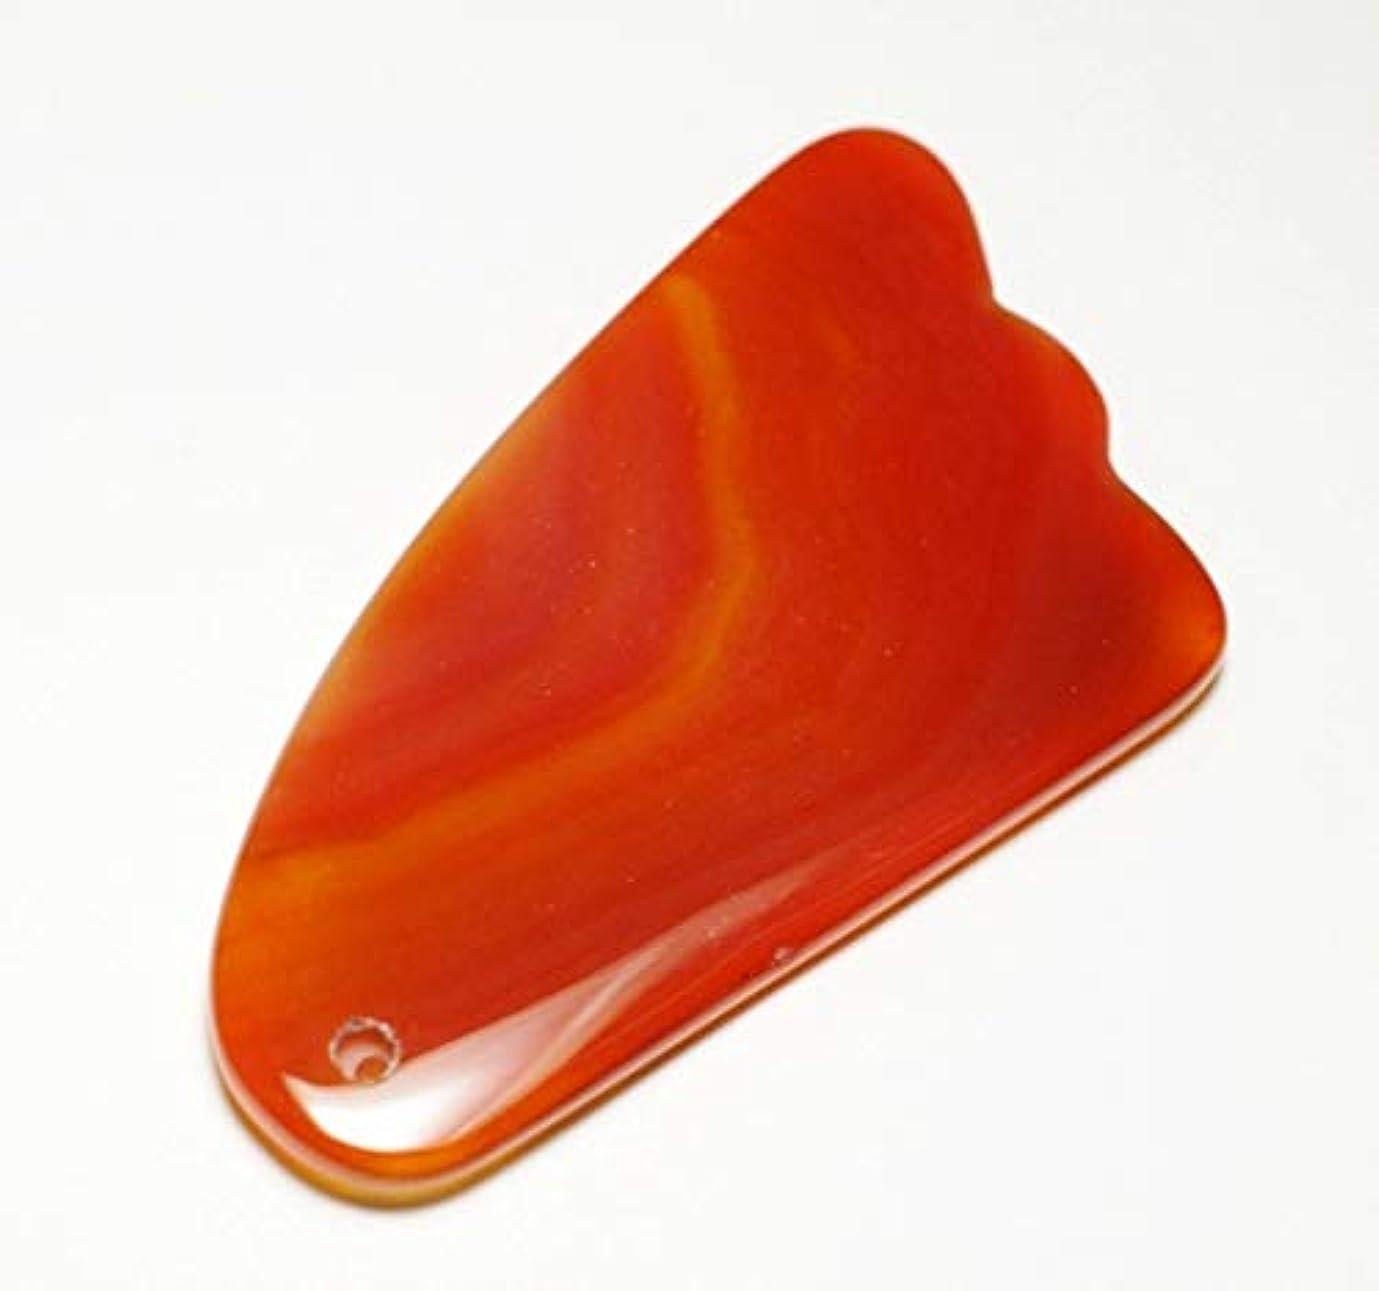 美しい複製する用心深いカーネリアン かっさ 羽型 Shylph 美と健康に マッサージ 赤瑪瑙カッサ